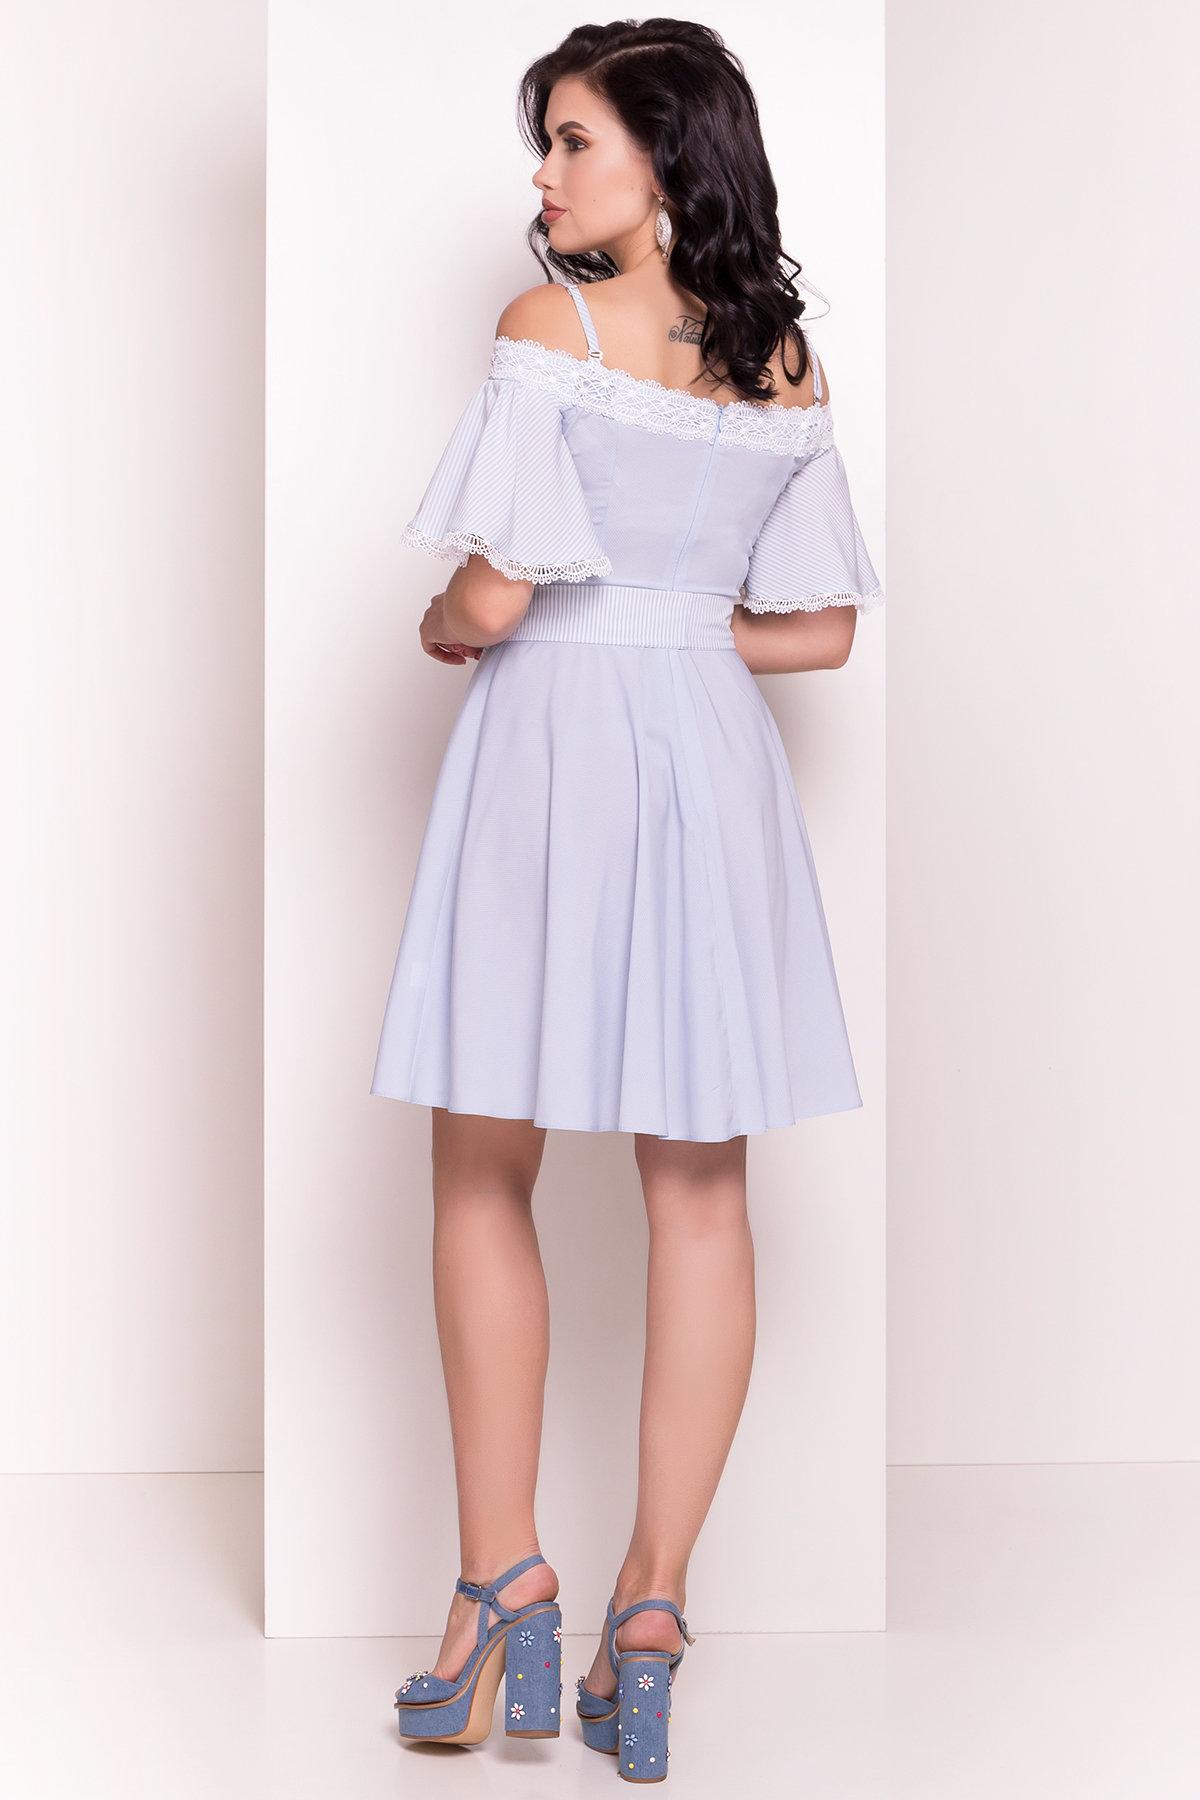 Платье Виолетта 4984 АРТ. 36119 Цвет: Голубой/молоко горох 1 - фото 6, интернет магазин tm-modus.ru